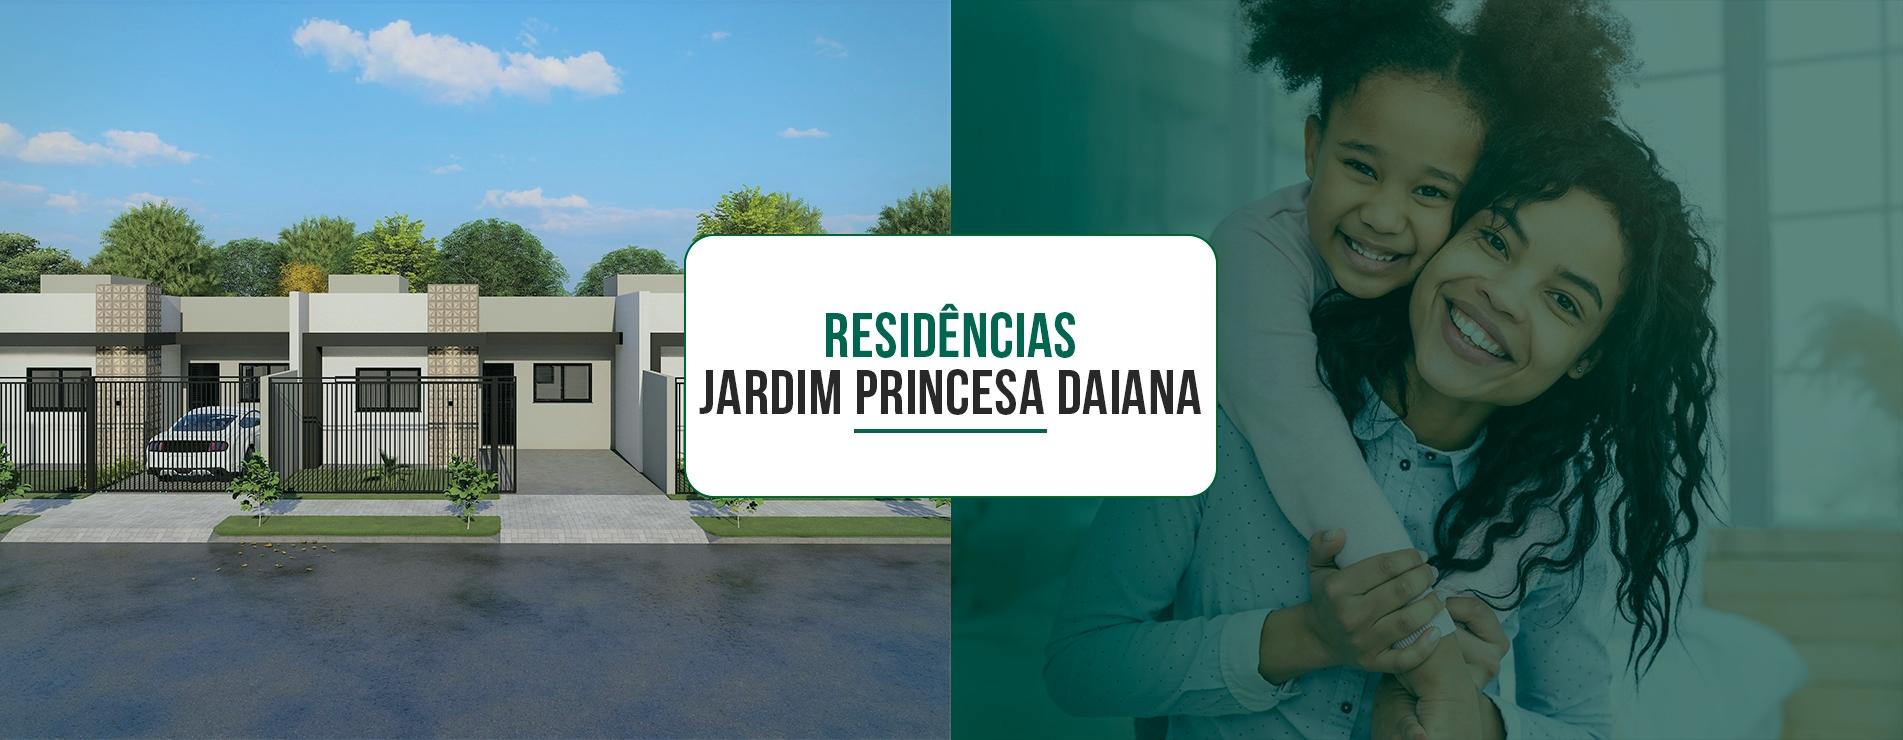 JD. PRINCESA DAIANA | Residências